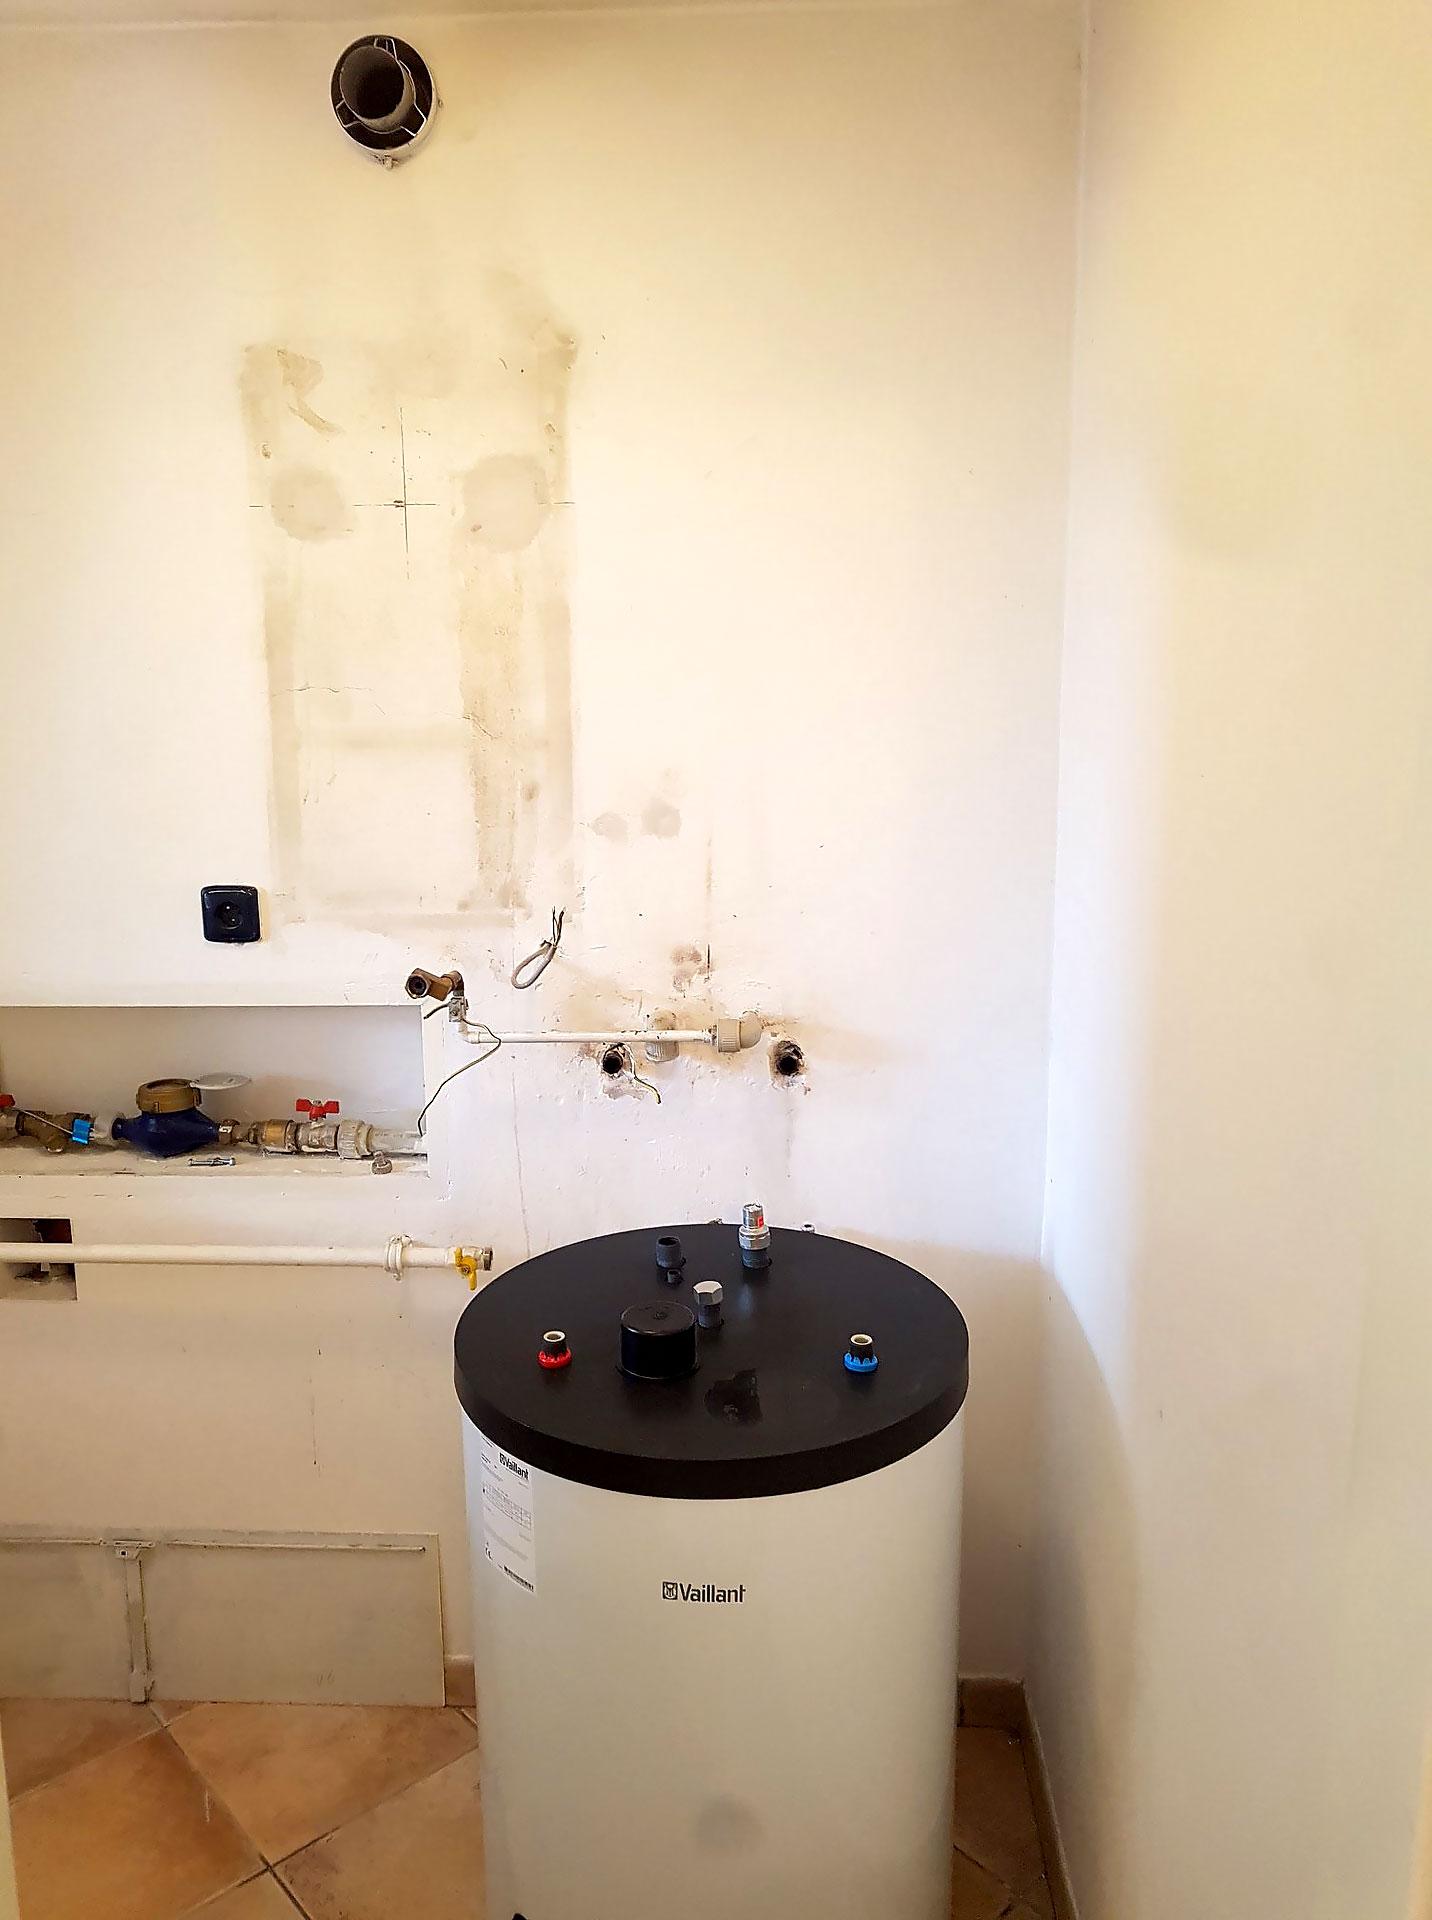 Výměna plynového kotle Vaillant s průtokovým ohřevem za nový kondenzační kotel Vaillant se 120litrovým zásobníkem a novou ekvitemní regulací Vaillant eRELAX ovládanou přes mobilní aplikaci